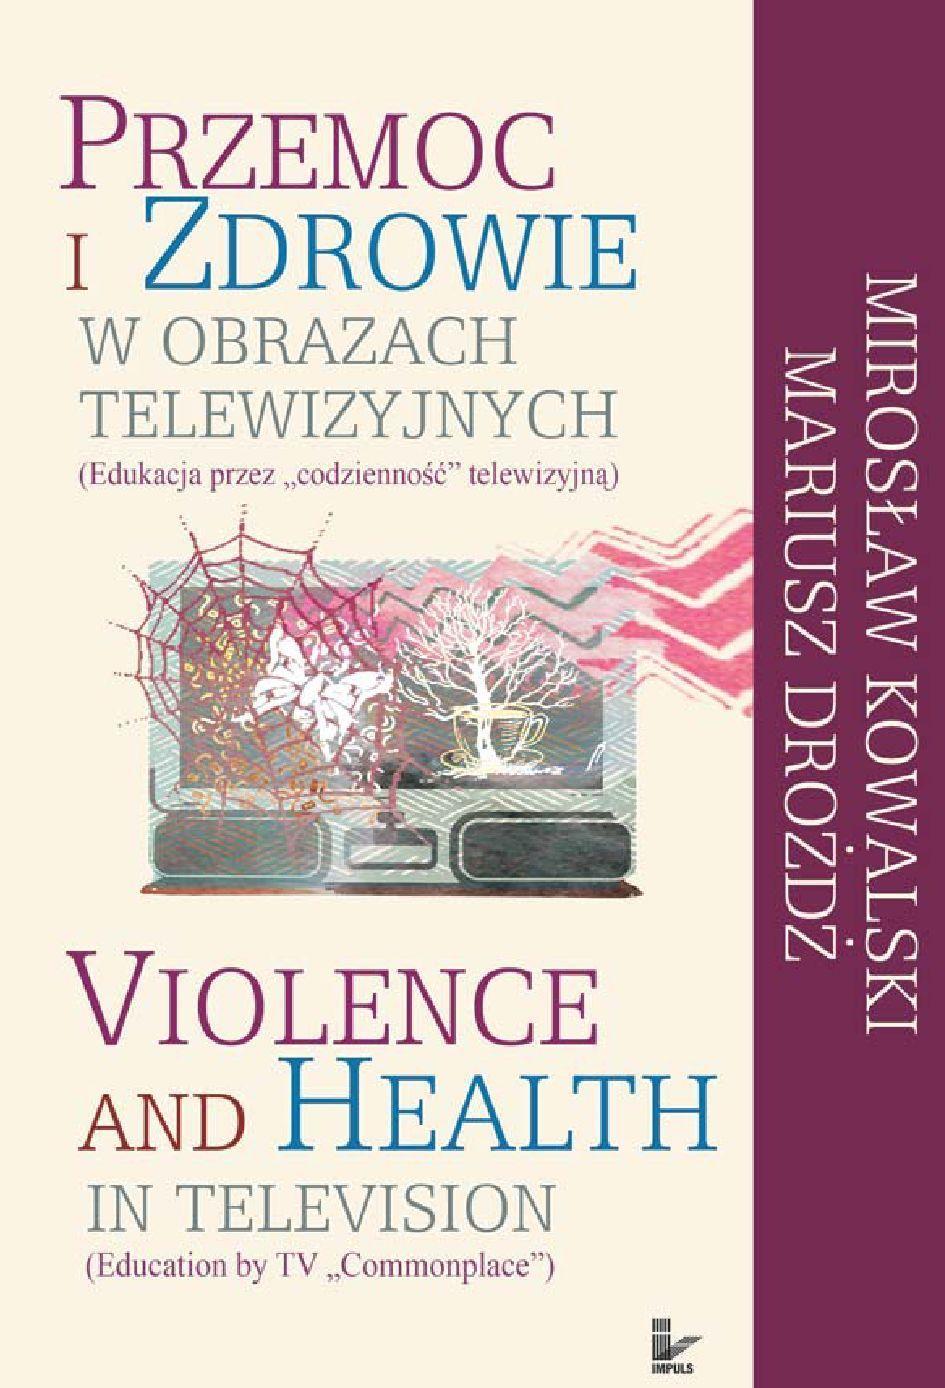 Przemoc i zdrowie w obrazach telewizji - Ebook (Książka PDF) do pobrania w formacie PDF